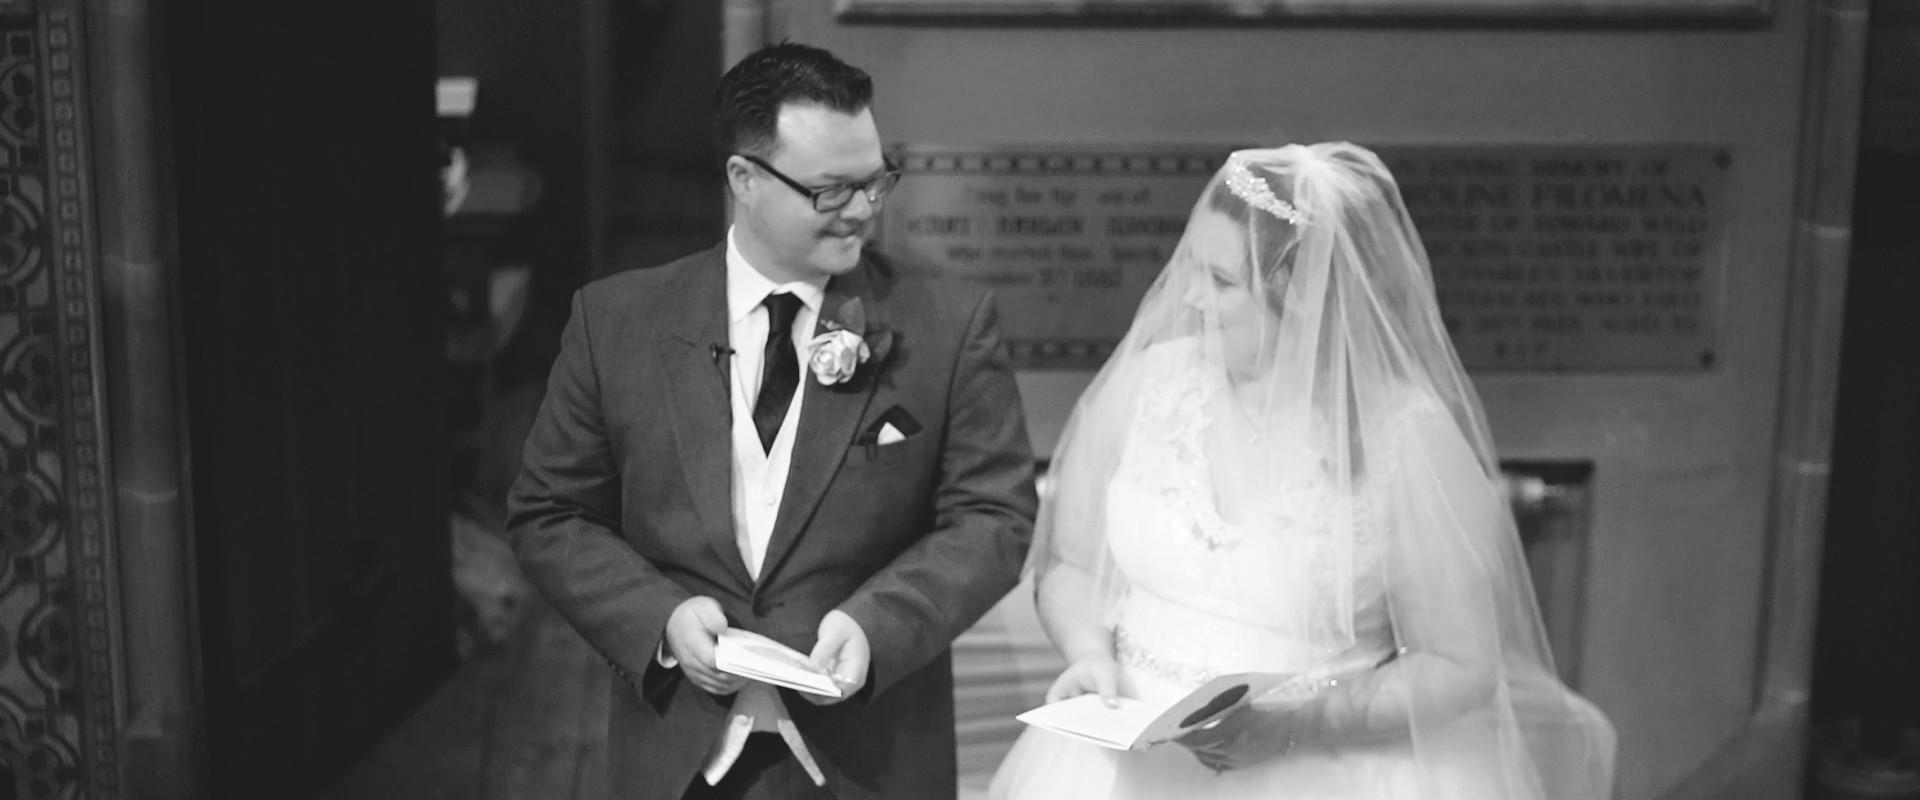 Wedding-ShortFilm-BW.00_02_15_13.Still02